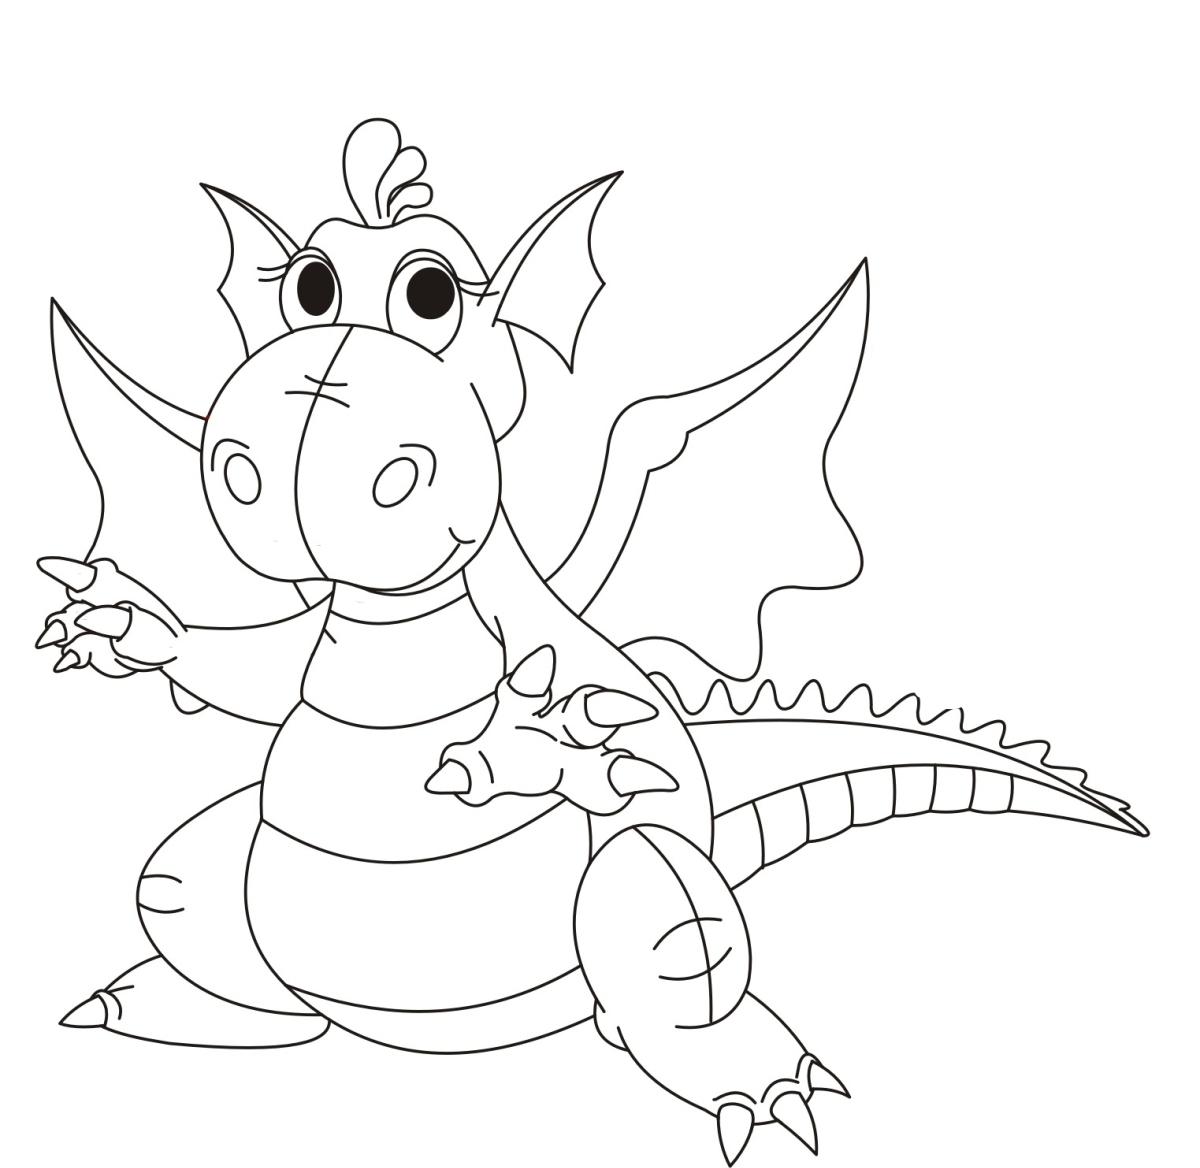 таковые картинка раскраска динозавры и драконы сей раз